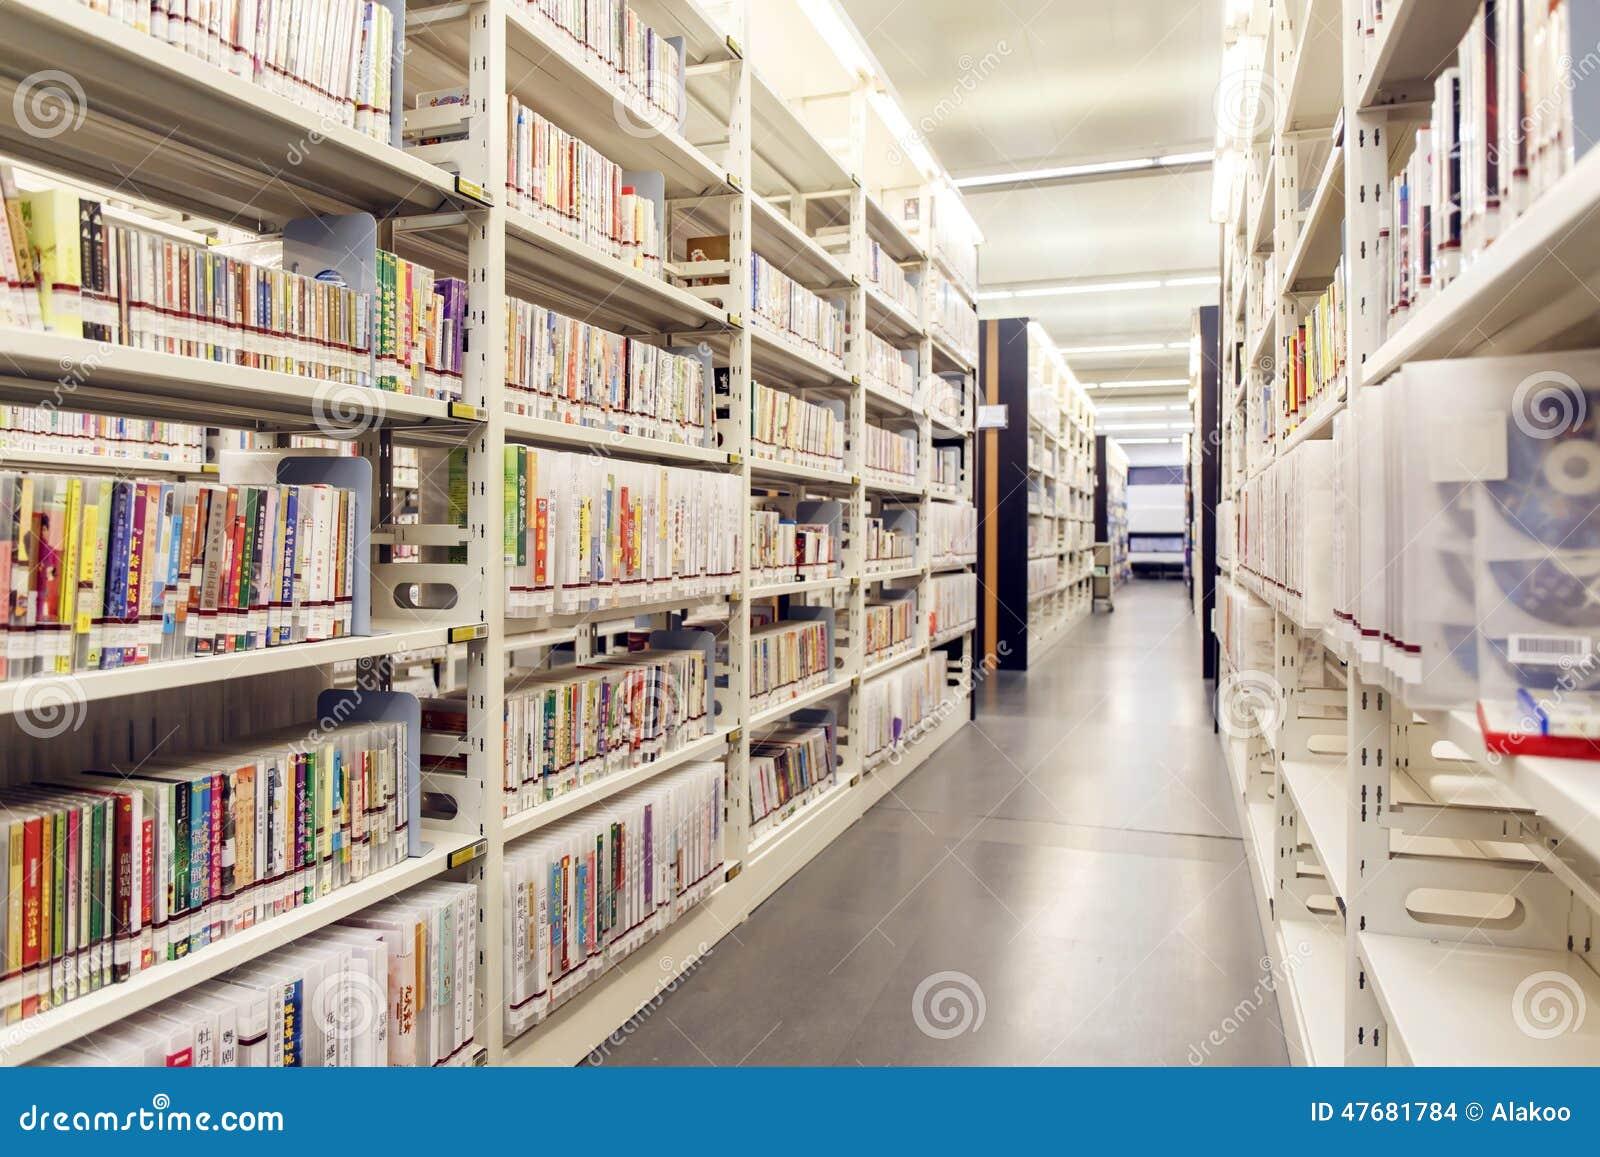 Étagères Sur La Les Dans Livres BibliothèqueDe droexBCW